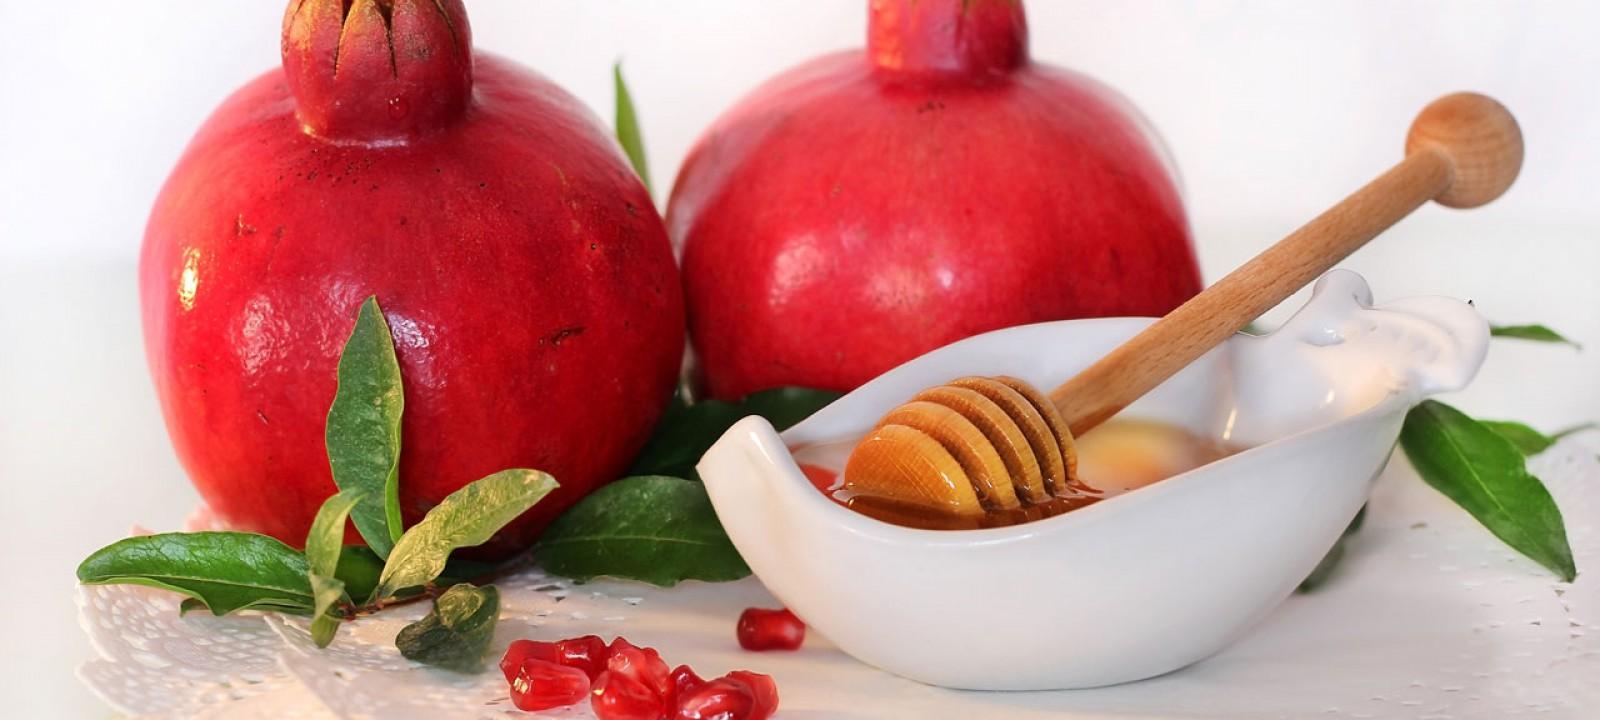 1280x720_honey_pomegranate